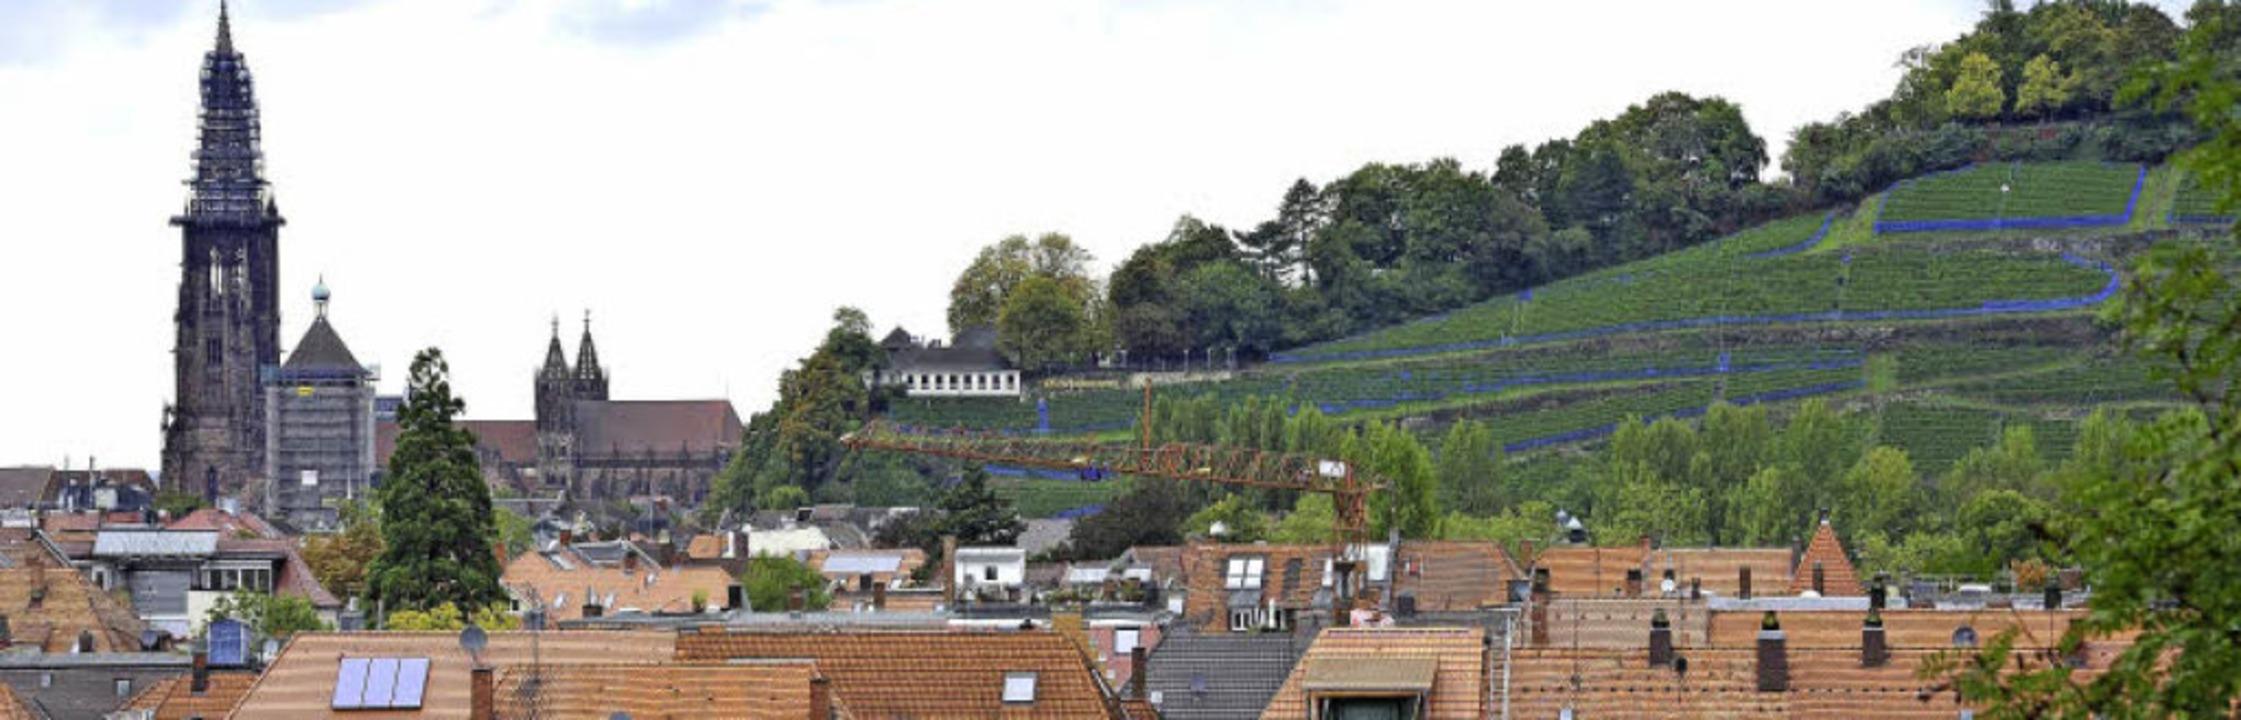 Heute sieht die Stadtsilhouette mit Münsterturm so aus.   | Foto: Thomas Kunz